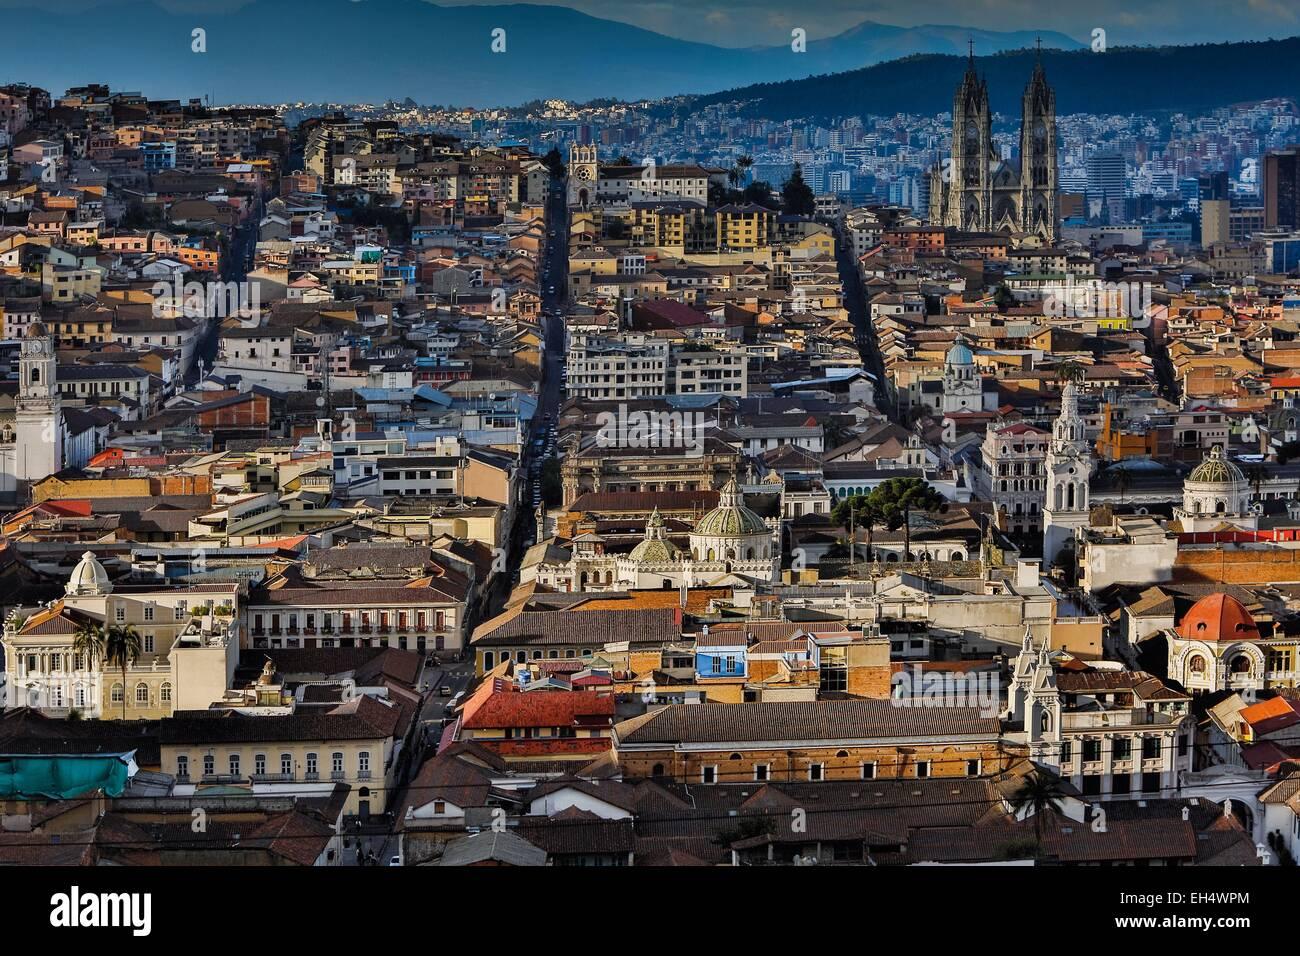 Ecuador, Quito, elencato come patrimonio mondiale dall' UNESCO, El Tejar, panoramica del centro storico di Quito Immagini Stock